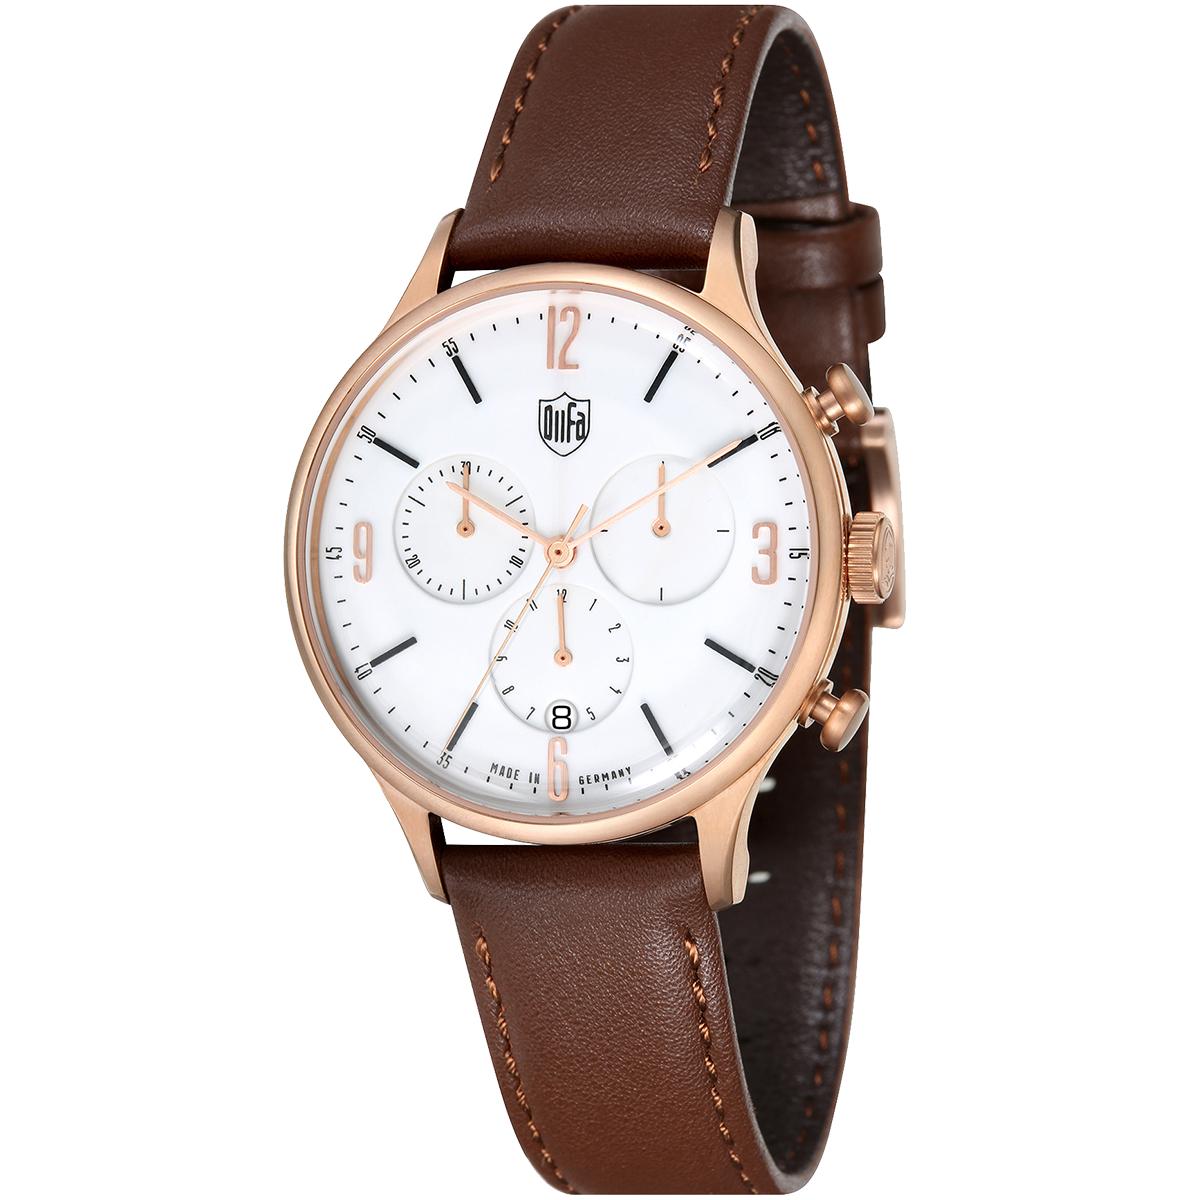 価格 交渉 送料無料 DUFA ドゥッファ 時計 腕時計 メンズ レディース 送料無料 DF-9002-05 VAN DER ROHE プレゼント 贈り物 営業 バウハウス おしゃれ ドイツ ギフト ホワイト 女性 あす楽 男性